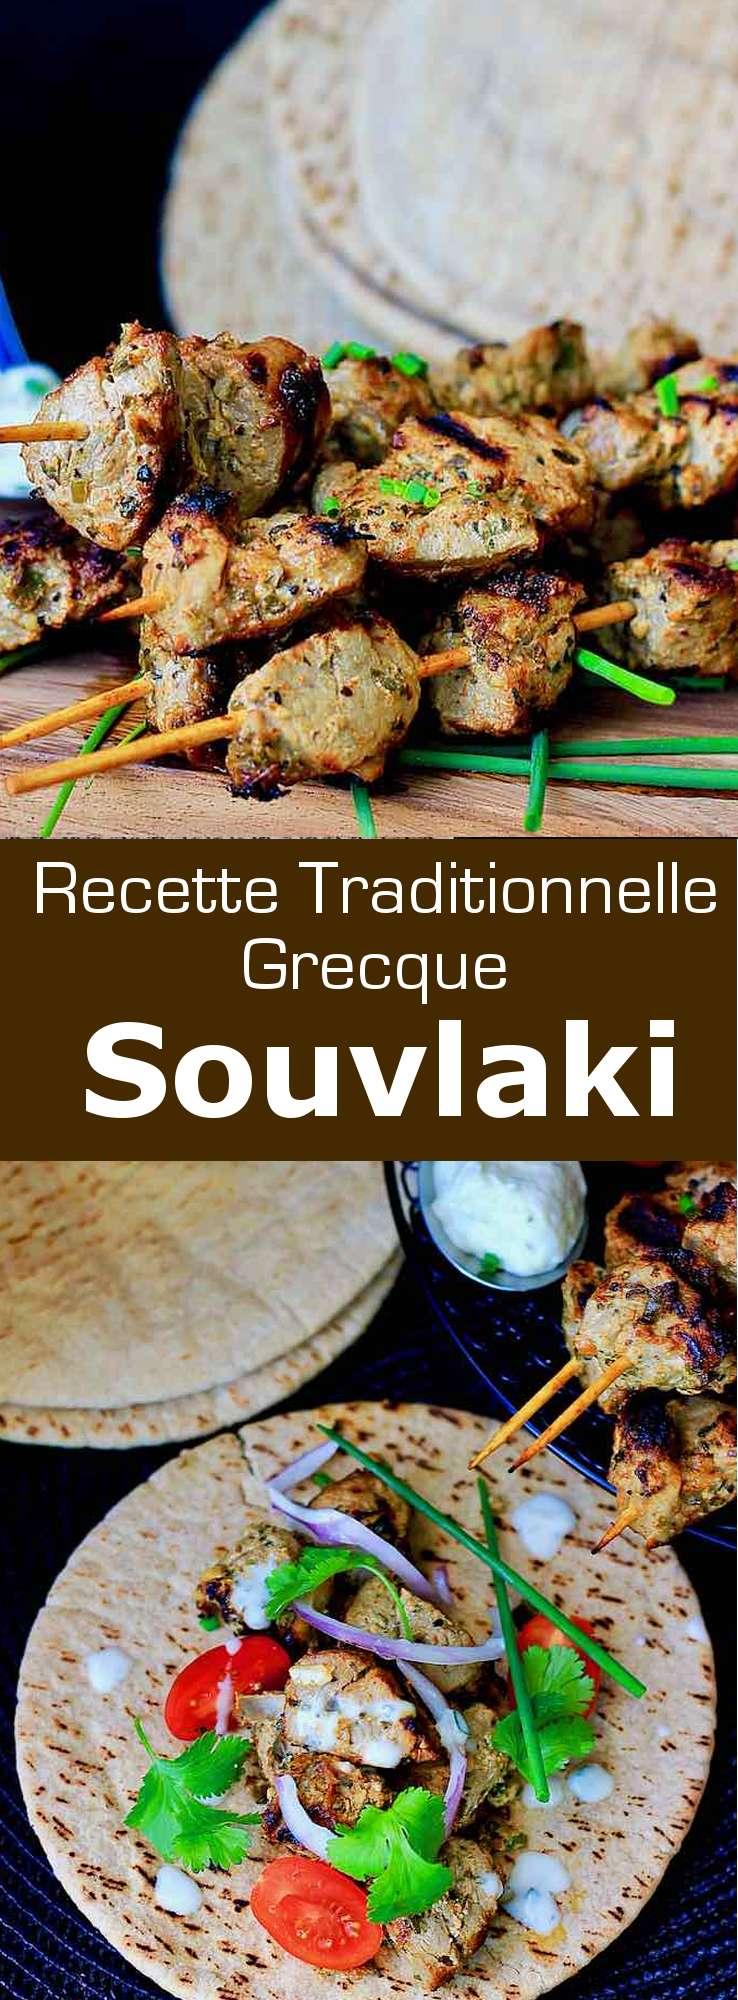 Le souvláki (σουβλάκι) est un plat populaire grec composé de petits morceaux de viande de porc, de poulet ou de bœuf sur une brochette grillée au barbecue. #Grece #RecetteGrecque #CuisineGrecque #CuisineMediterraneenne #CuisineDuMonde #196flavors